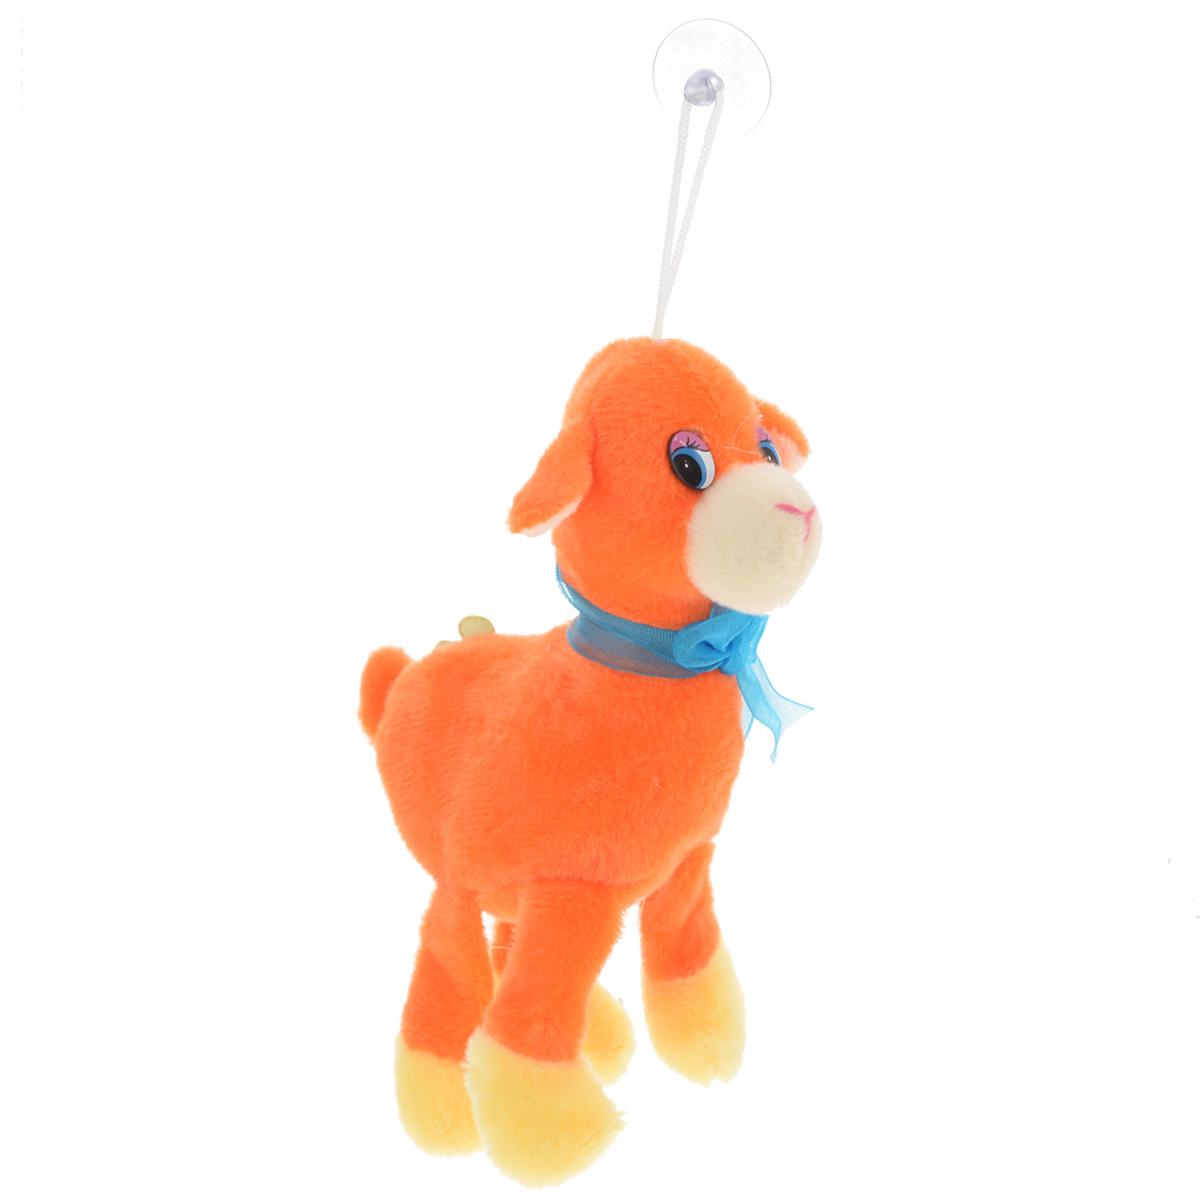 Мягкая игрушка Sima-land Овечка, на присоске, цвет: оранжевый, 15 см. 511090511090Очаровательная мягкая игрушка Sima-land Овечка не оставит вас равнодушным и вызовет улыбку у каждого, кто ее увидит. Игрушка выполнена из искусственного меха и текстиля в виде забавной овечки, украшенной ярким бантом и цветком. К голове игрушки прикреплена петелька с силиконовой присоской, что позволит расположить ее в удобном месте. Мягкая и приятная на ощупь игрушка станет замечательным подарком, который вызовет массу положительных эмоций.